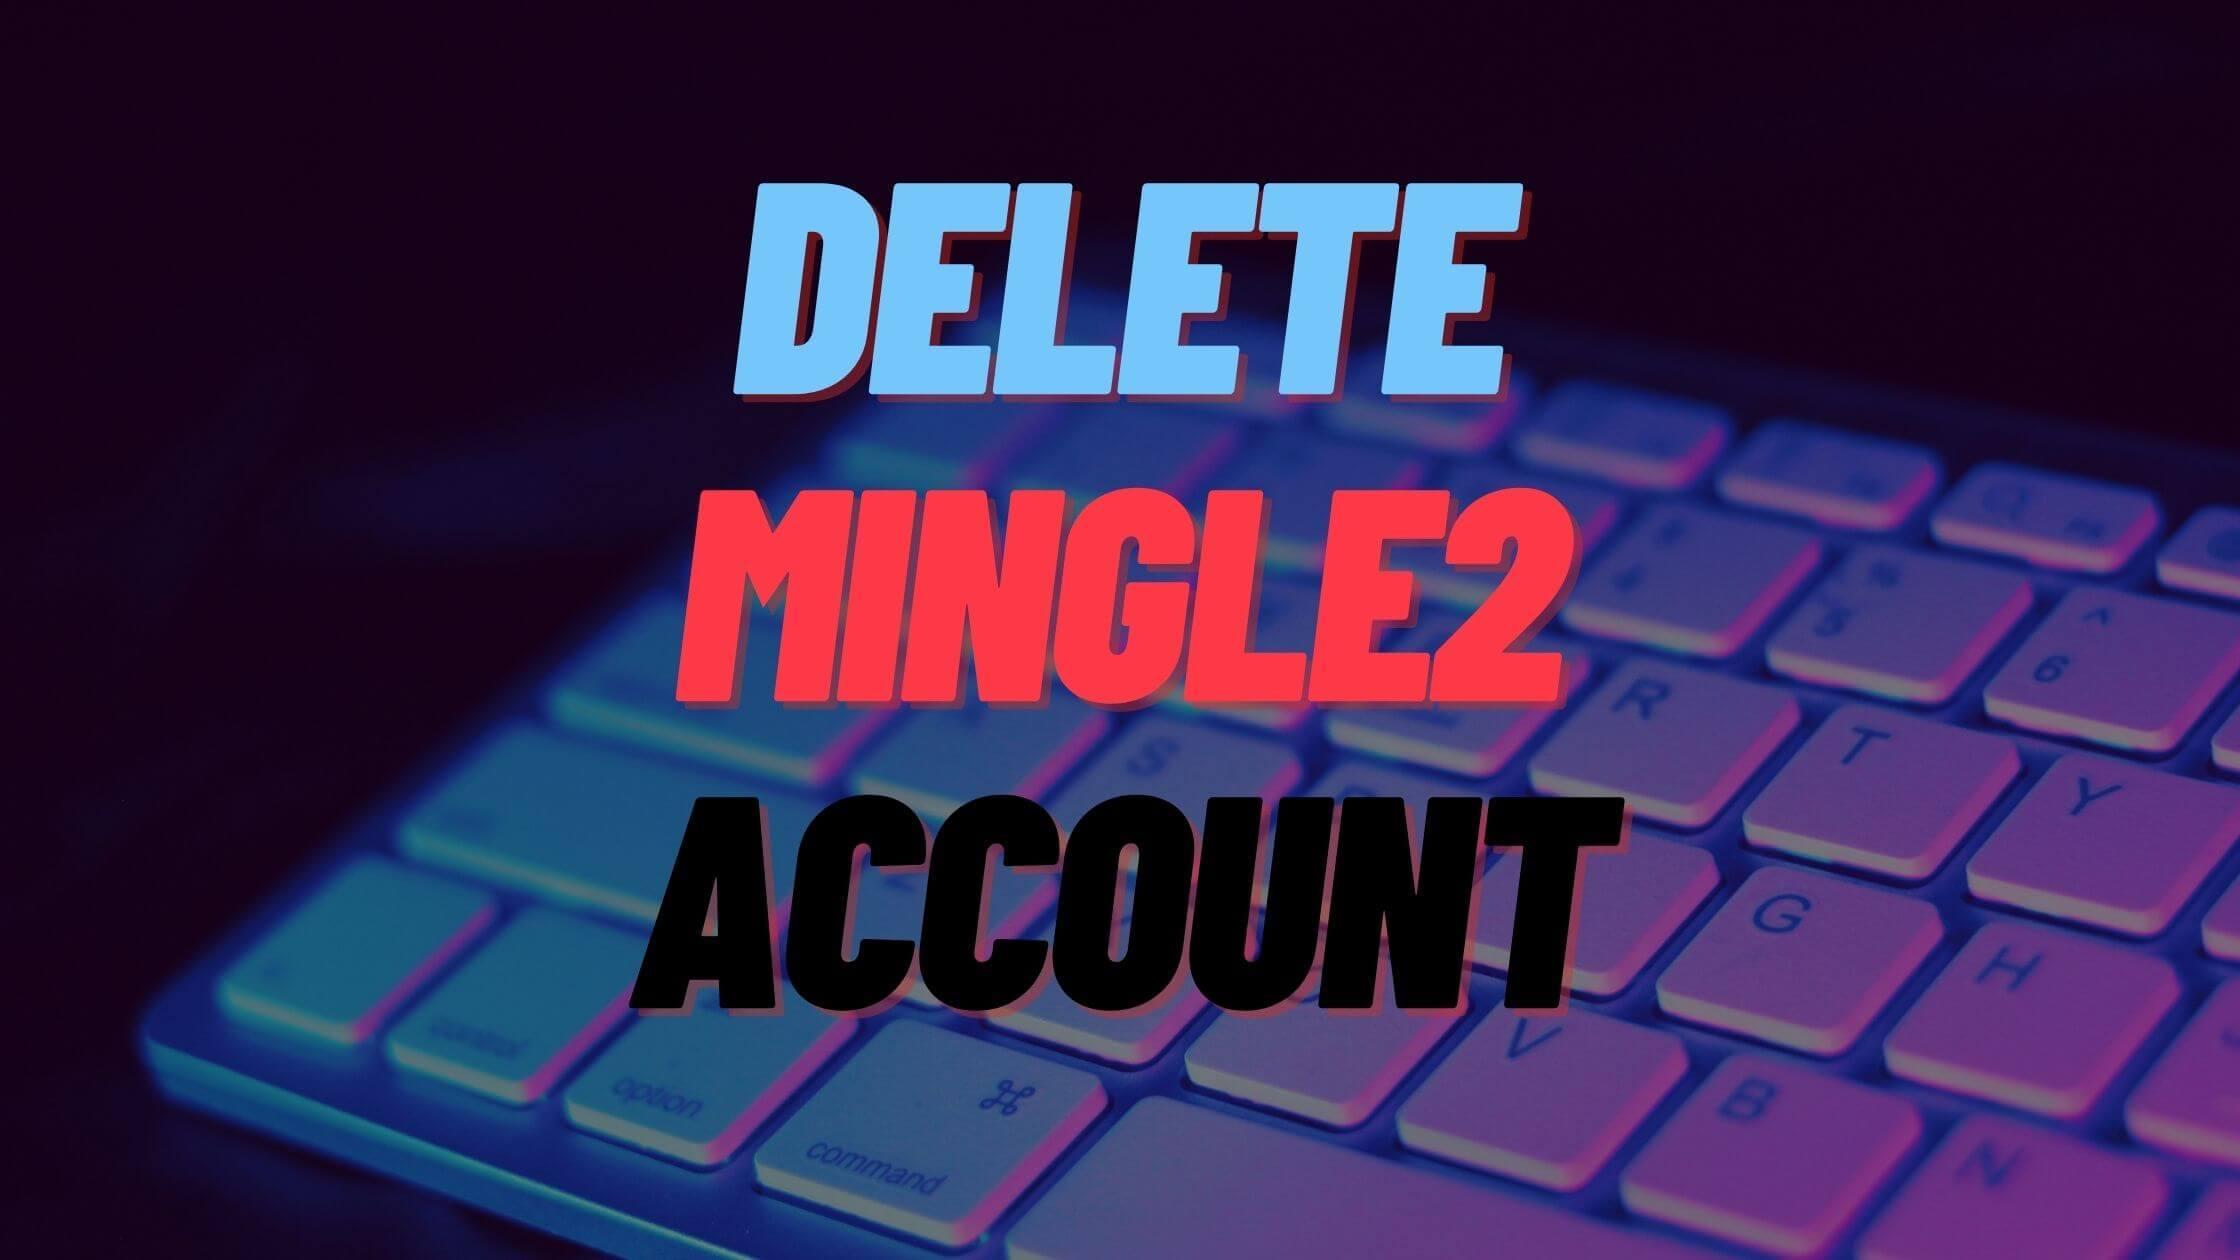 delete mingle2 account